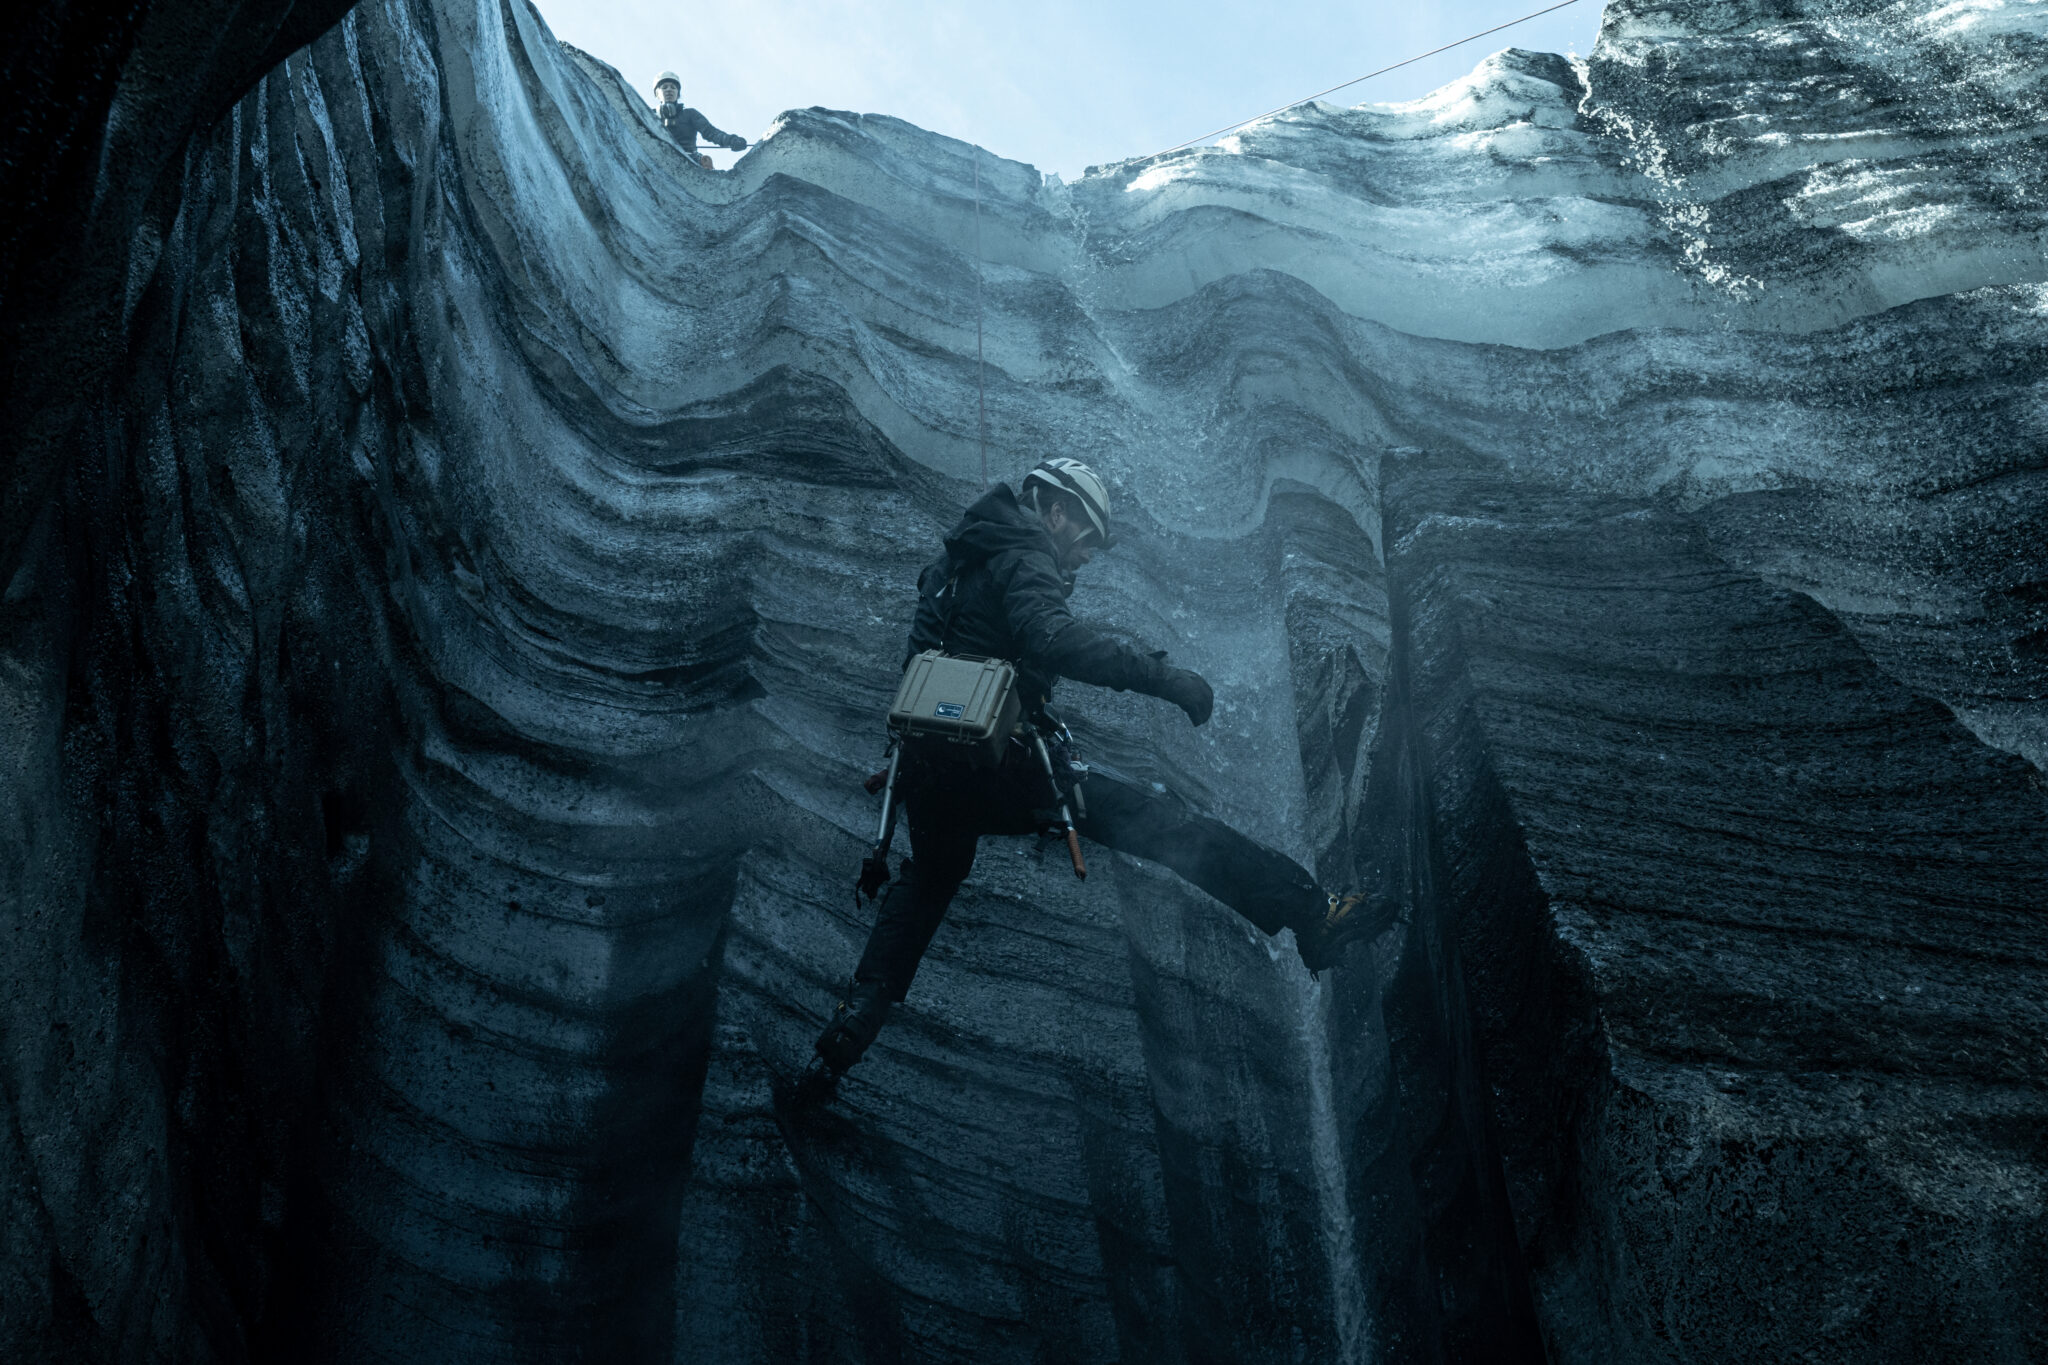 Man sieht einen tiefen Krater, in den von oben ein Mann mit Werkzeugen an einem Seil herabgelassen wird.